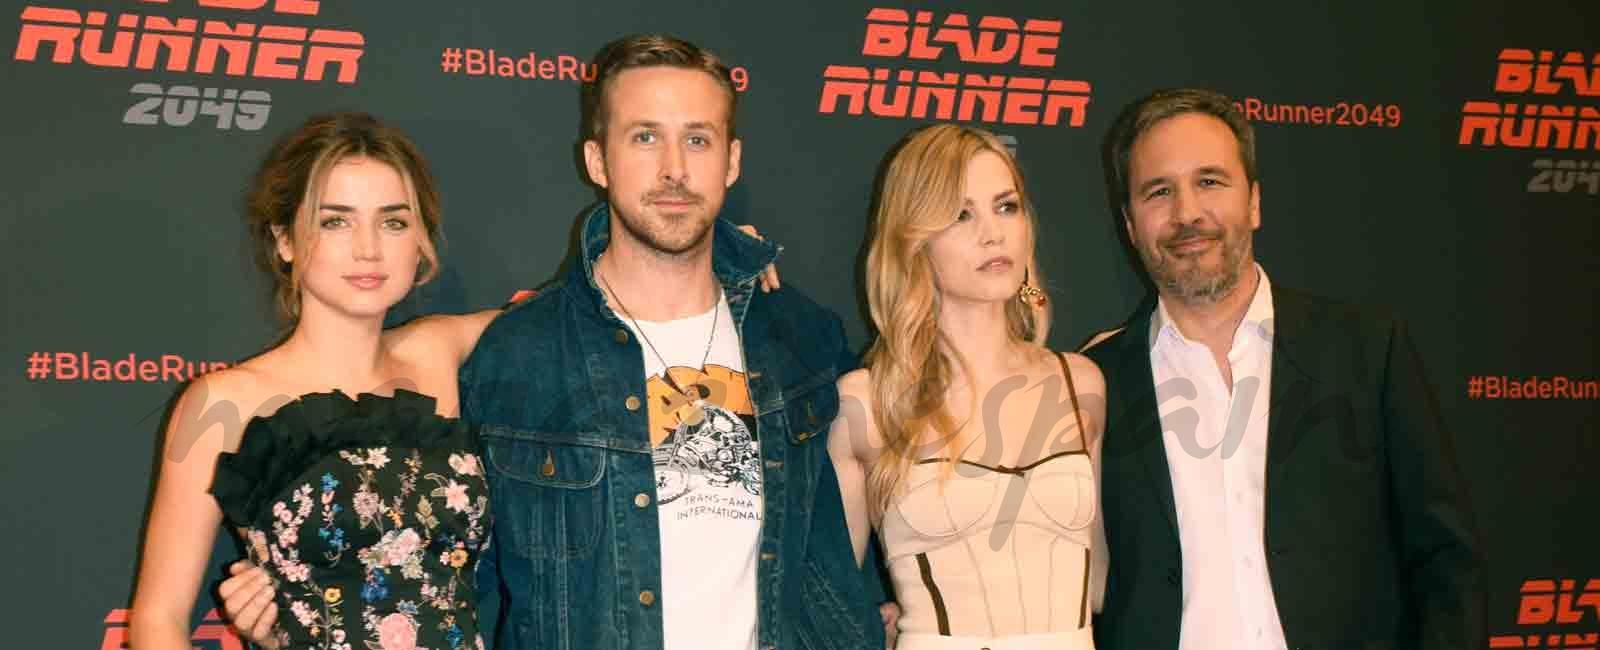 Blade Runner 2049, estreno segundo tráiler